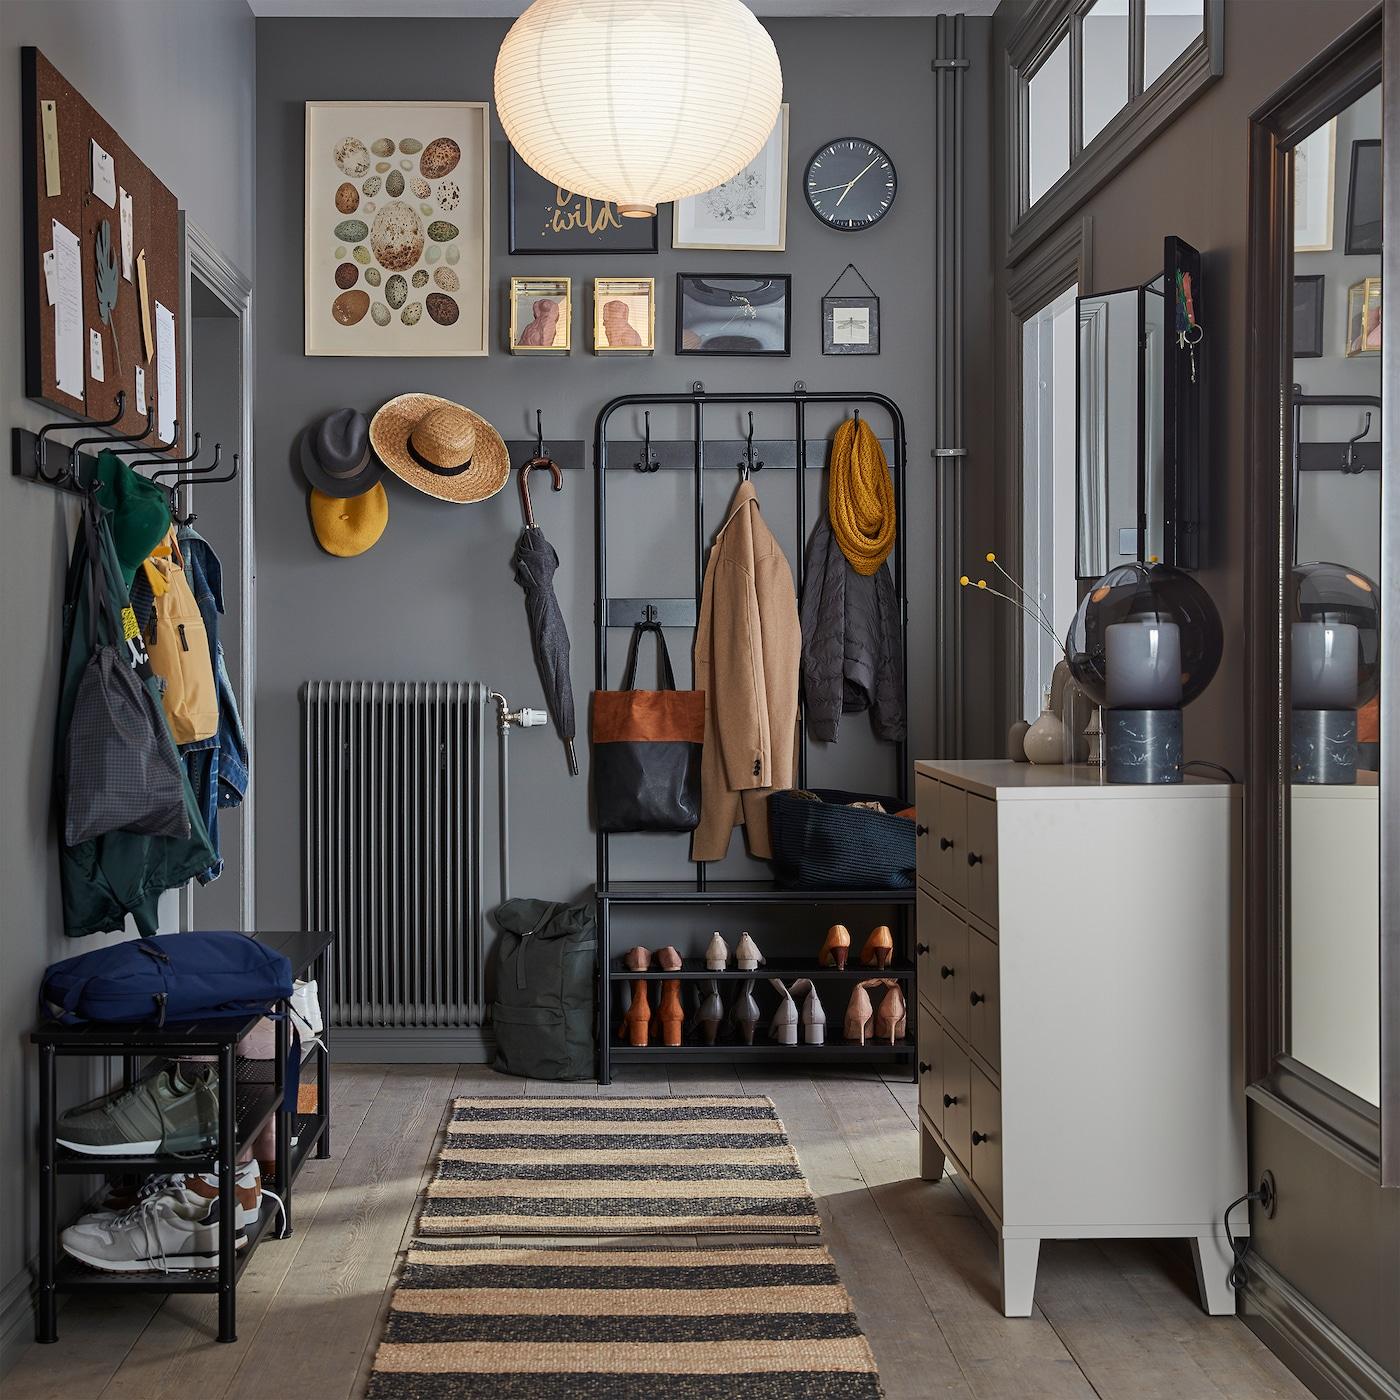 グレーでまとめられた狭めの玄関。ストライプのラグ、ベージュのチェスト、姿見、靴収納付きベンチ。